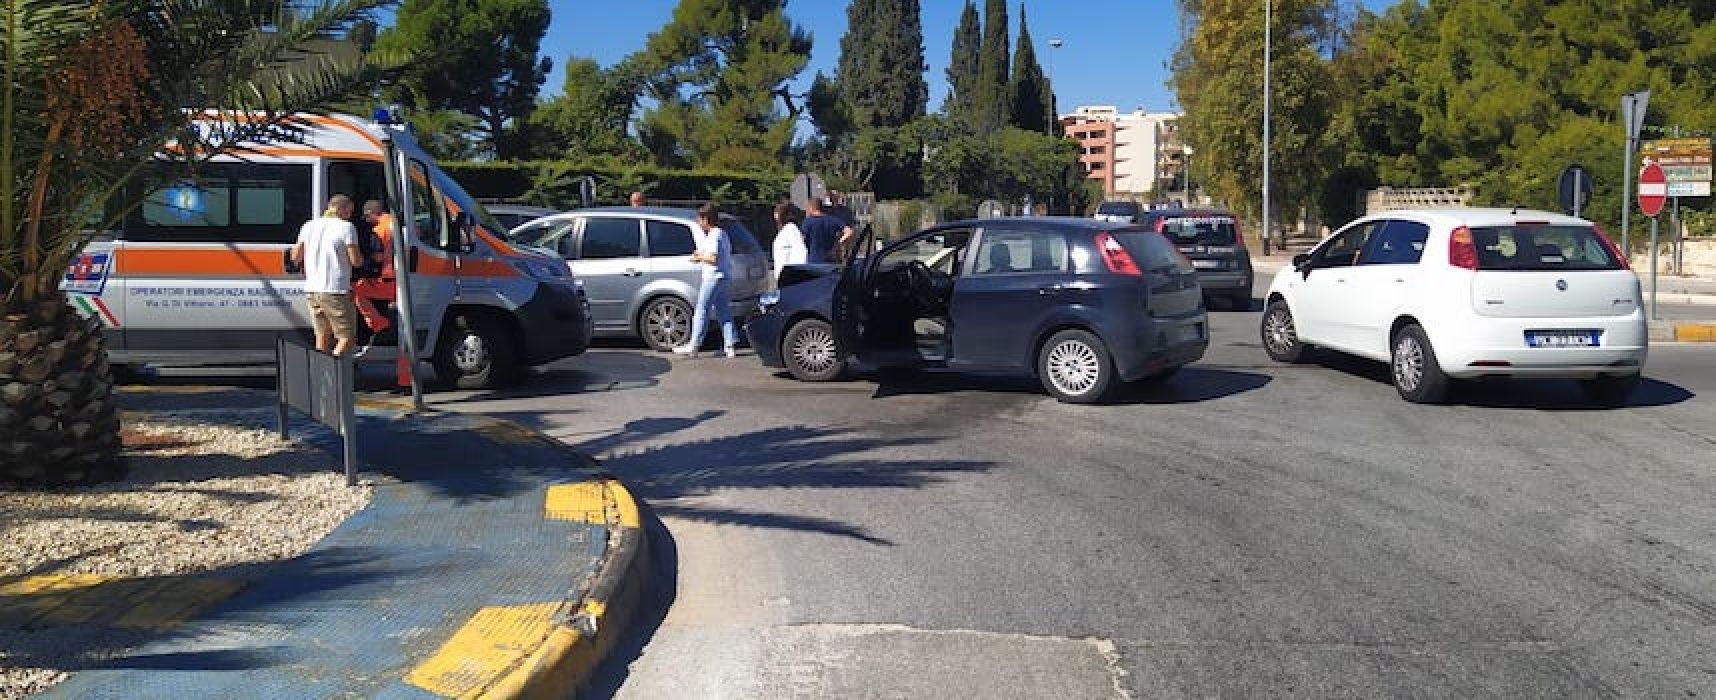 Incidente in via Sant'Andrea, una donna ferita